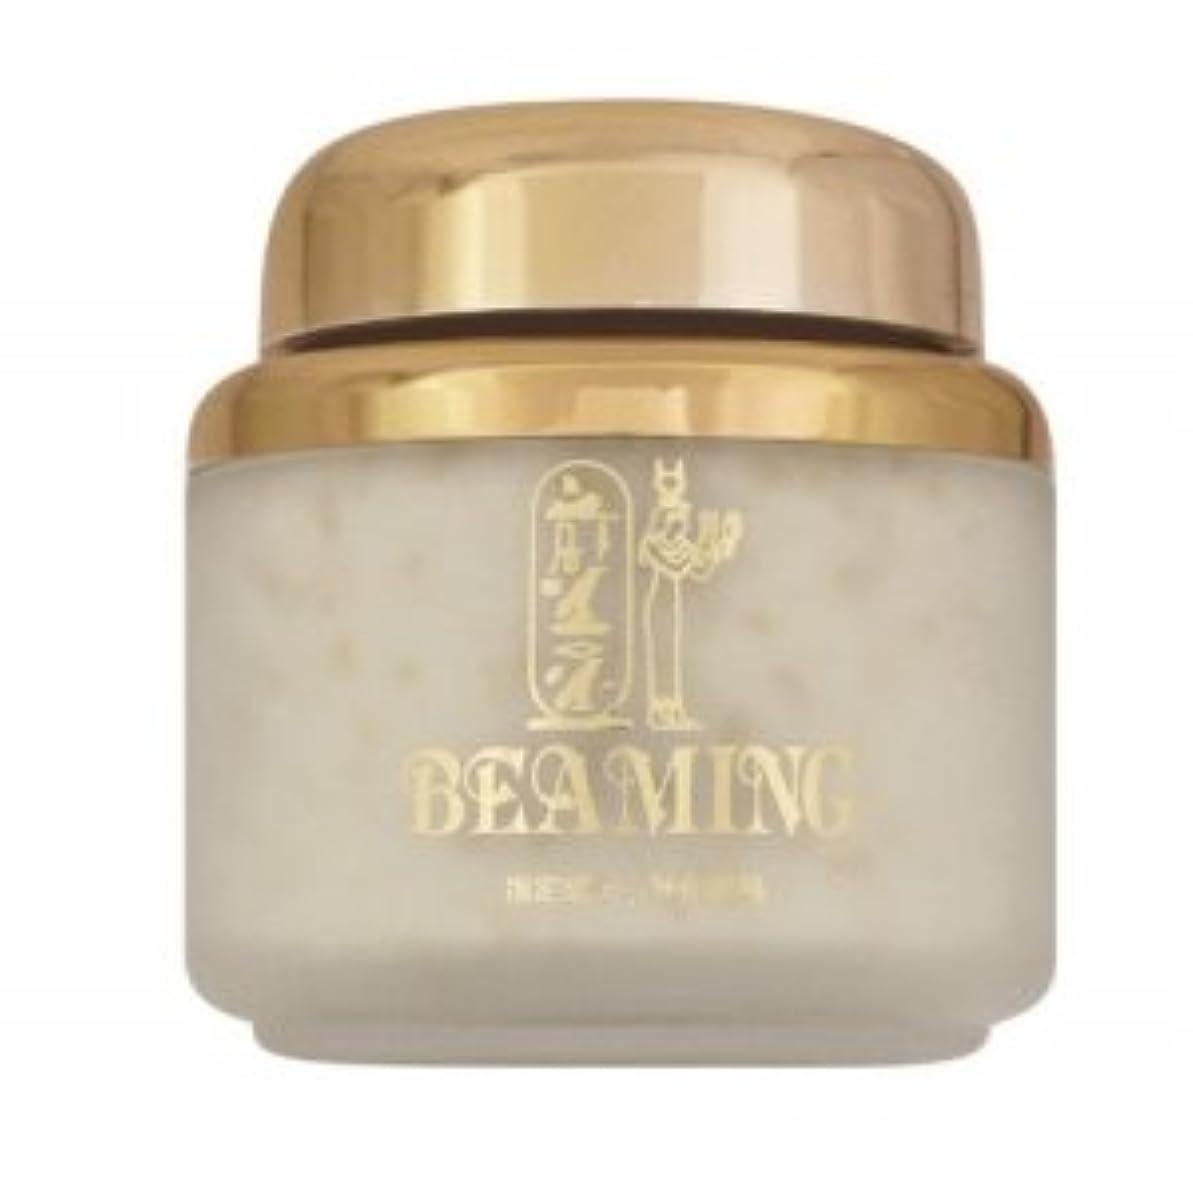 現実ベイビーブッシュVIP ビーミングシリーズ 100% 無添加 美容界の奇跡 超高級化粧品 純金箔 錆びない肌 究極の スキンケアセット クレオパトラ の 基礎化粧品 クレンジング 洗顔 日本製 (ビーミングゴールドウォッシング)